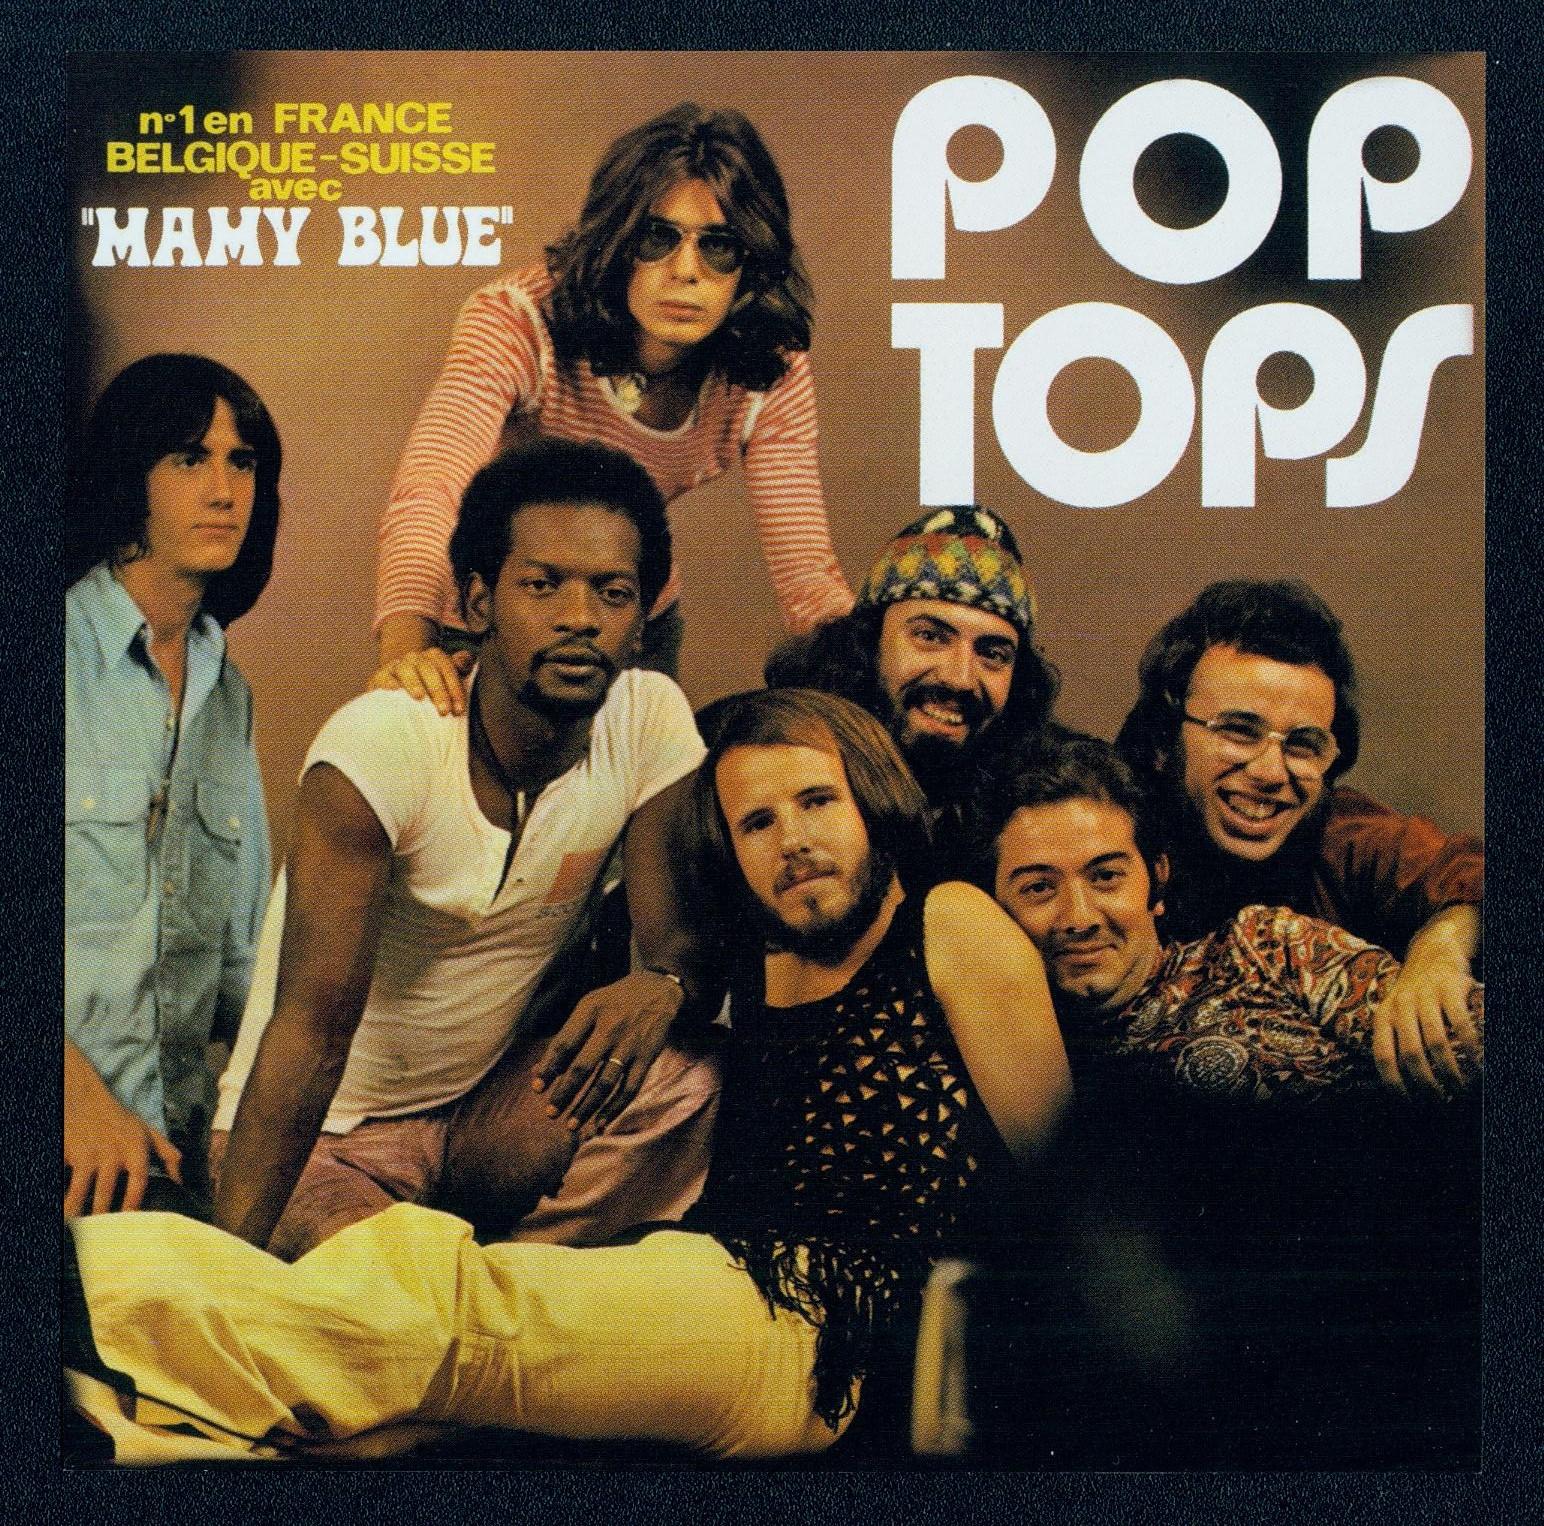 Pop Tops mp3 слушать онлайн и скачать бесплатно.